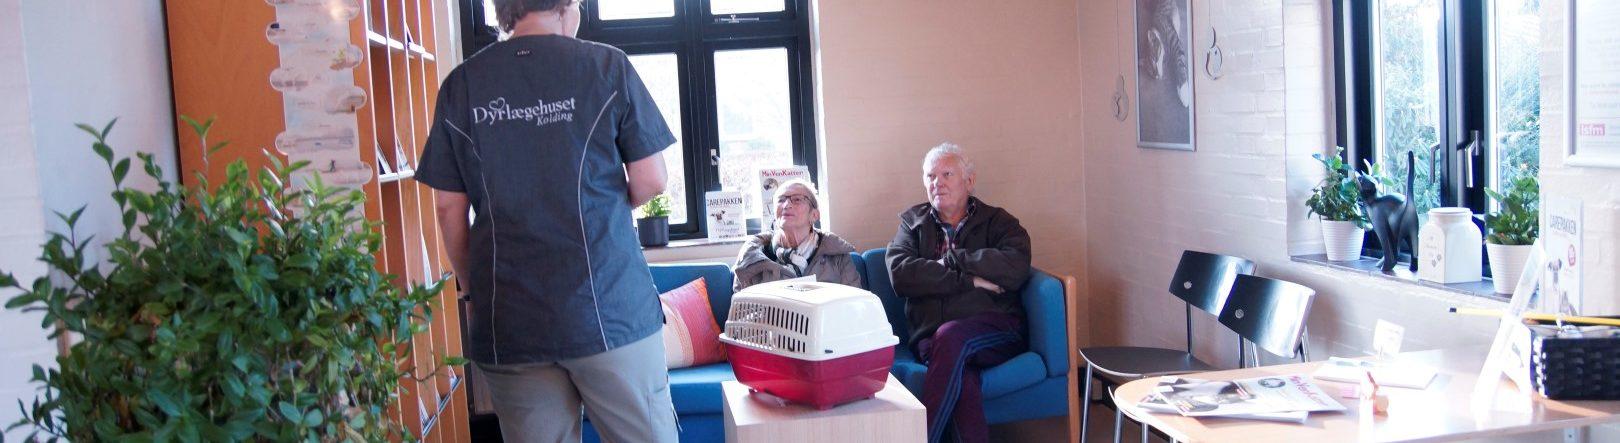 Kattevenlig klinik i Kolding – et trygt valg for dig og din kat | Dyrlægehuset Kolding